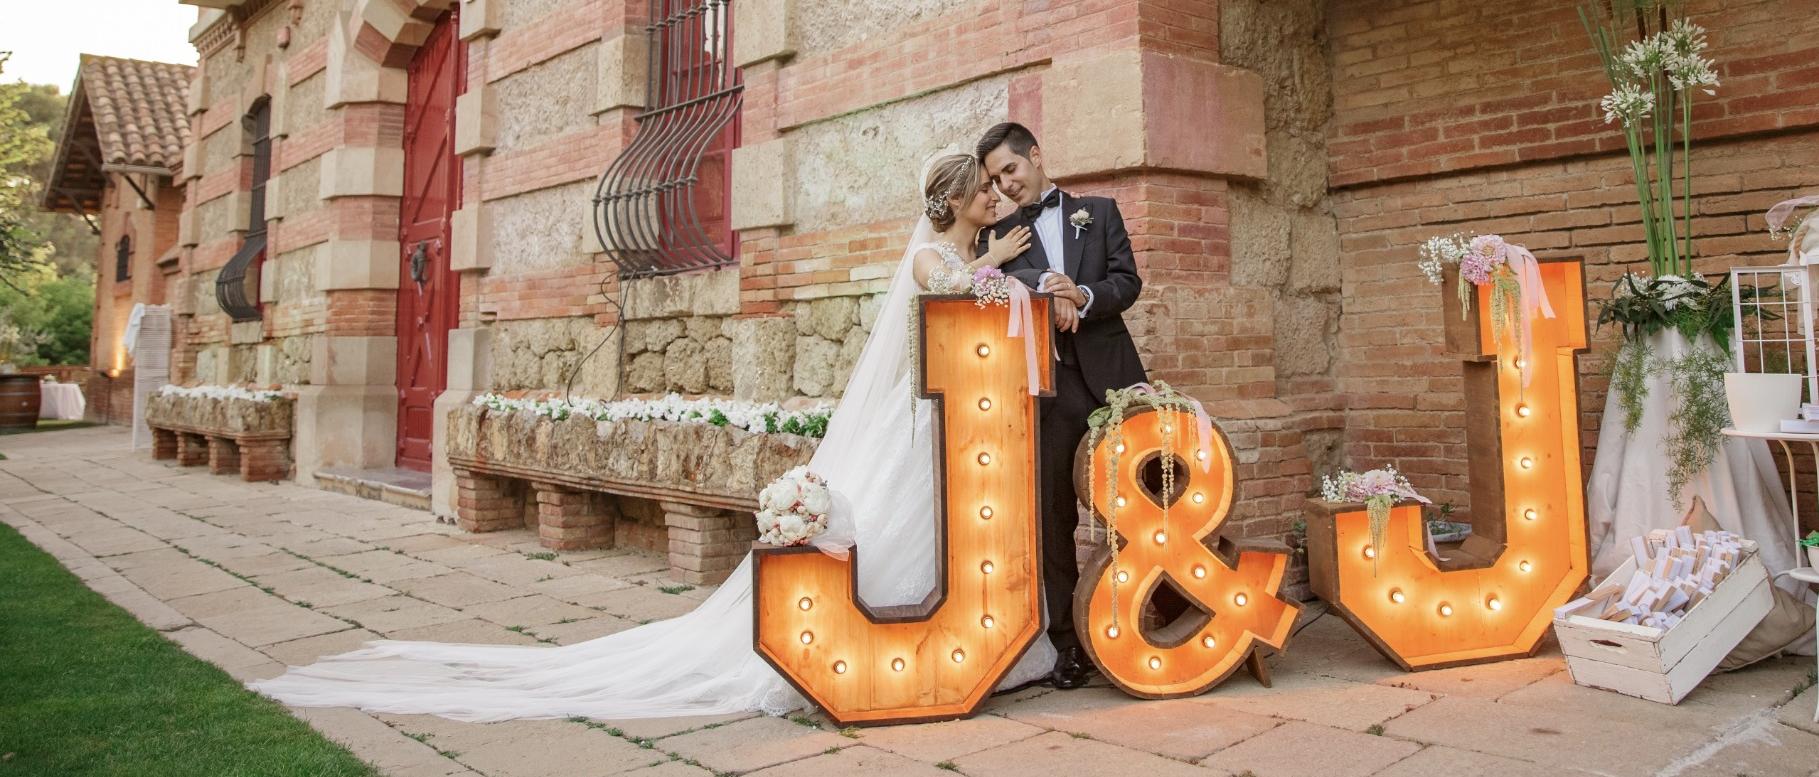 Alquiler letras luminosas para bodas Barcelona BCN LETTERS - Can Magí